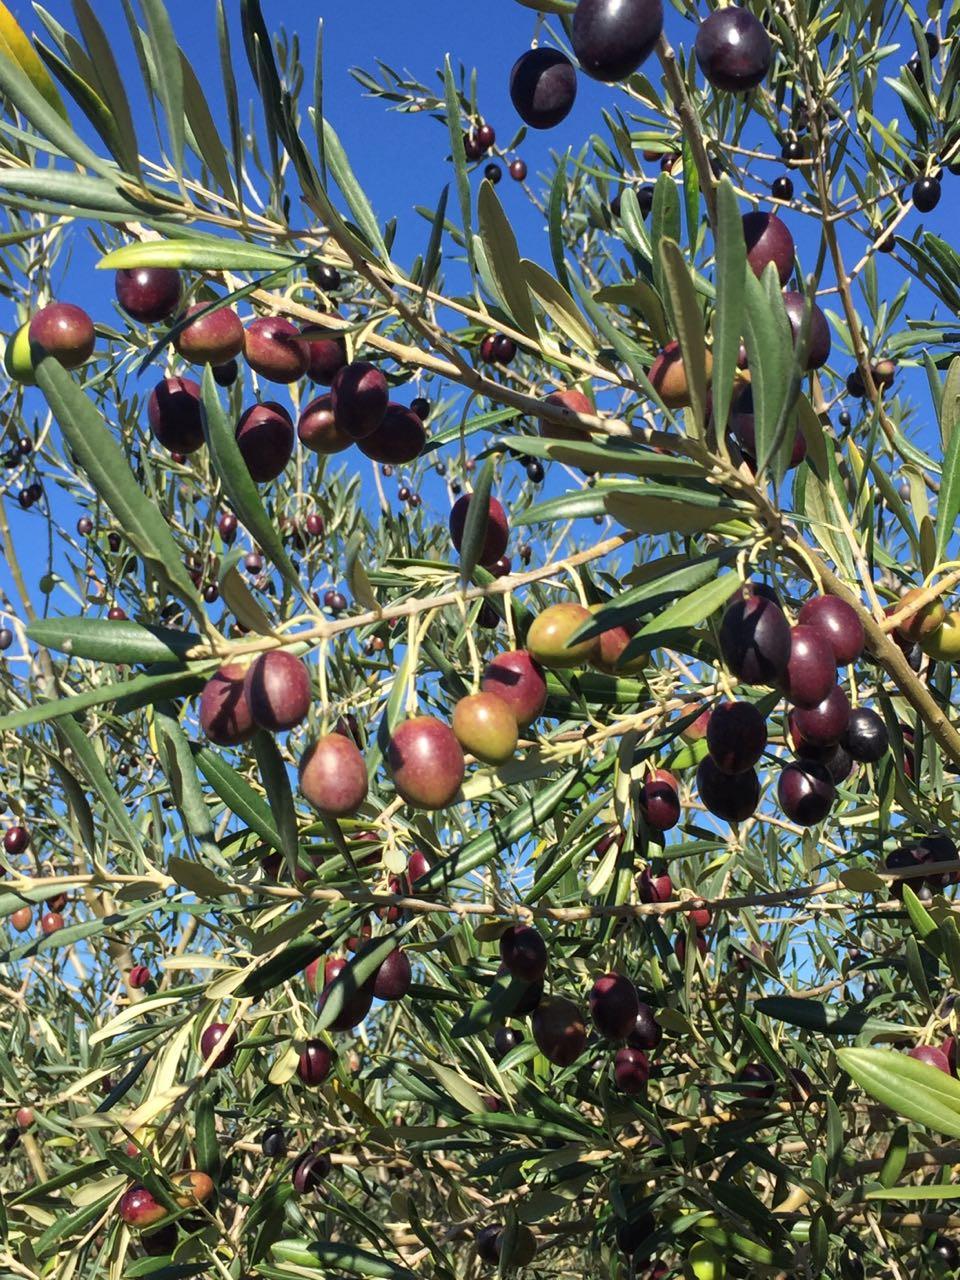 Azeitonas em pomar no Brasil. Fonte: própria.